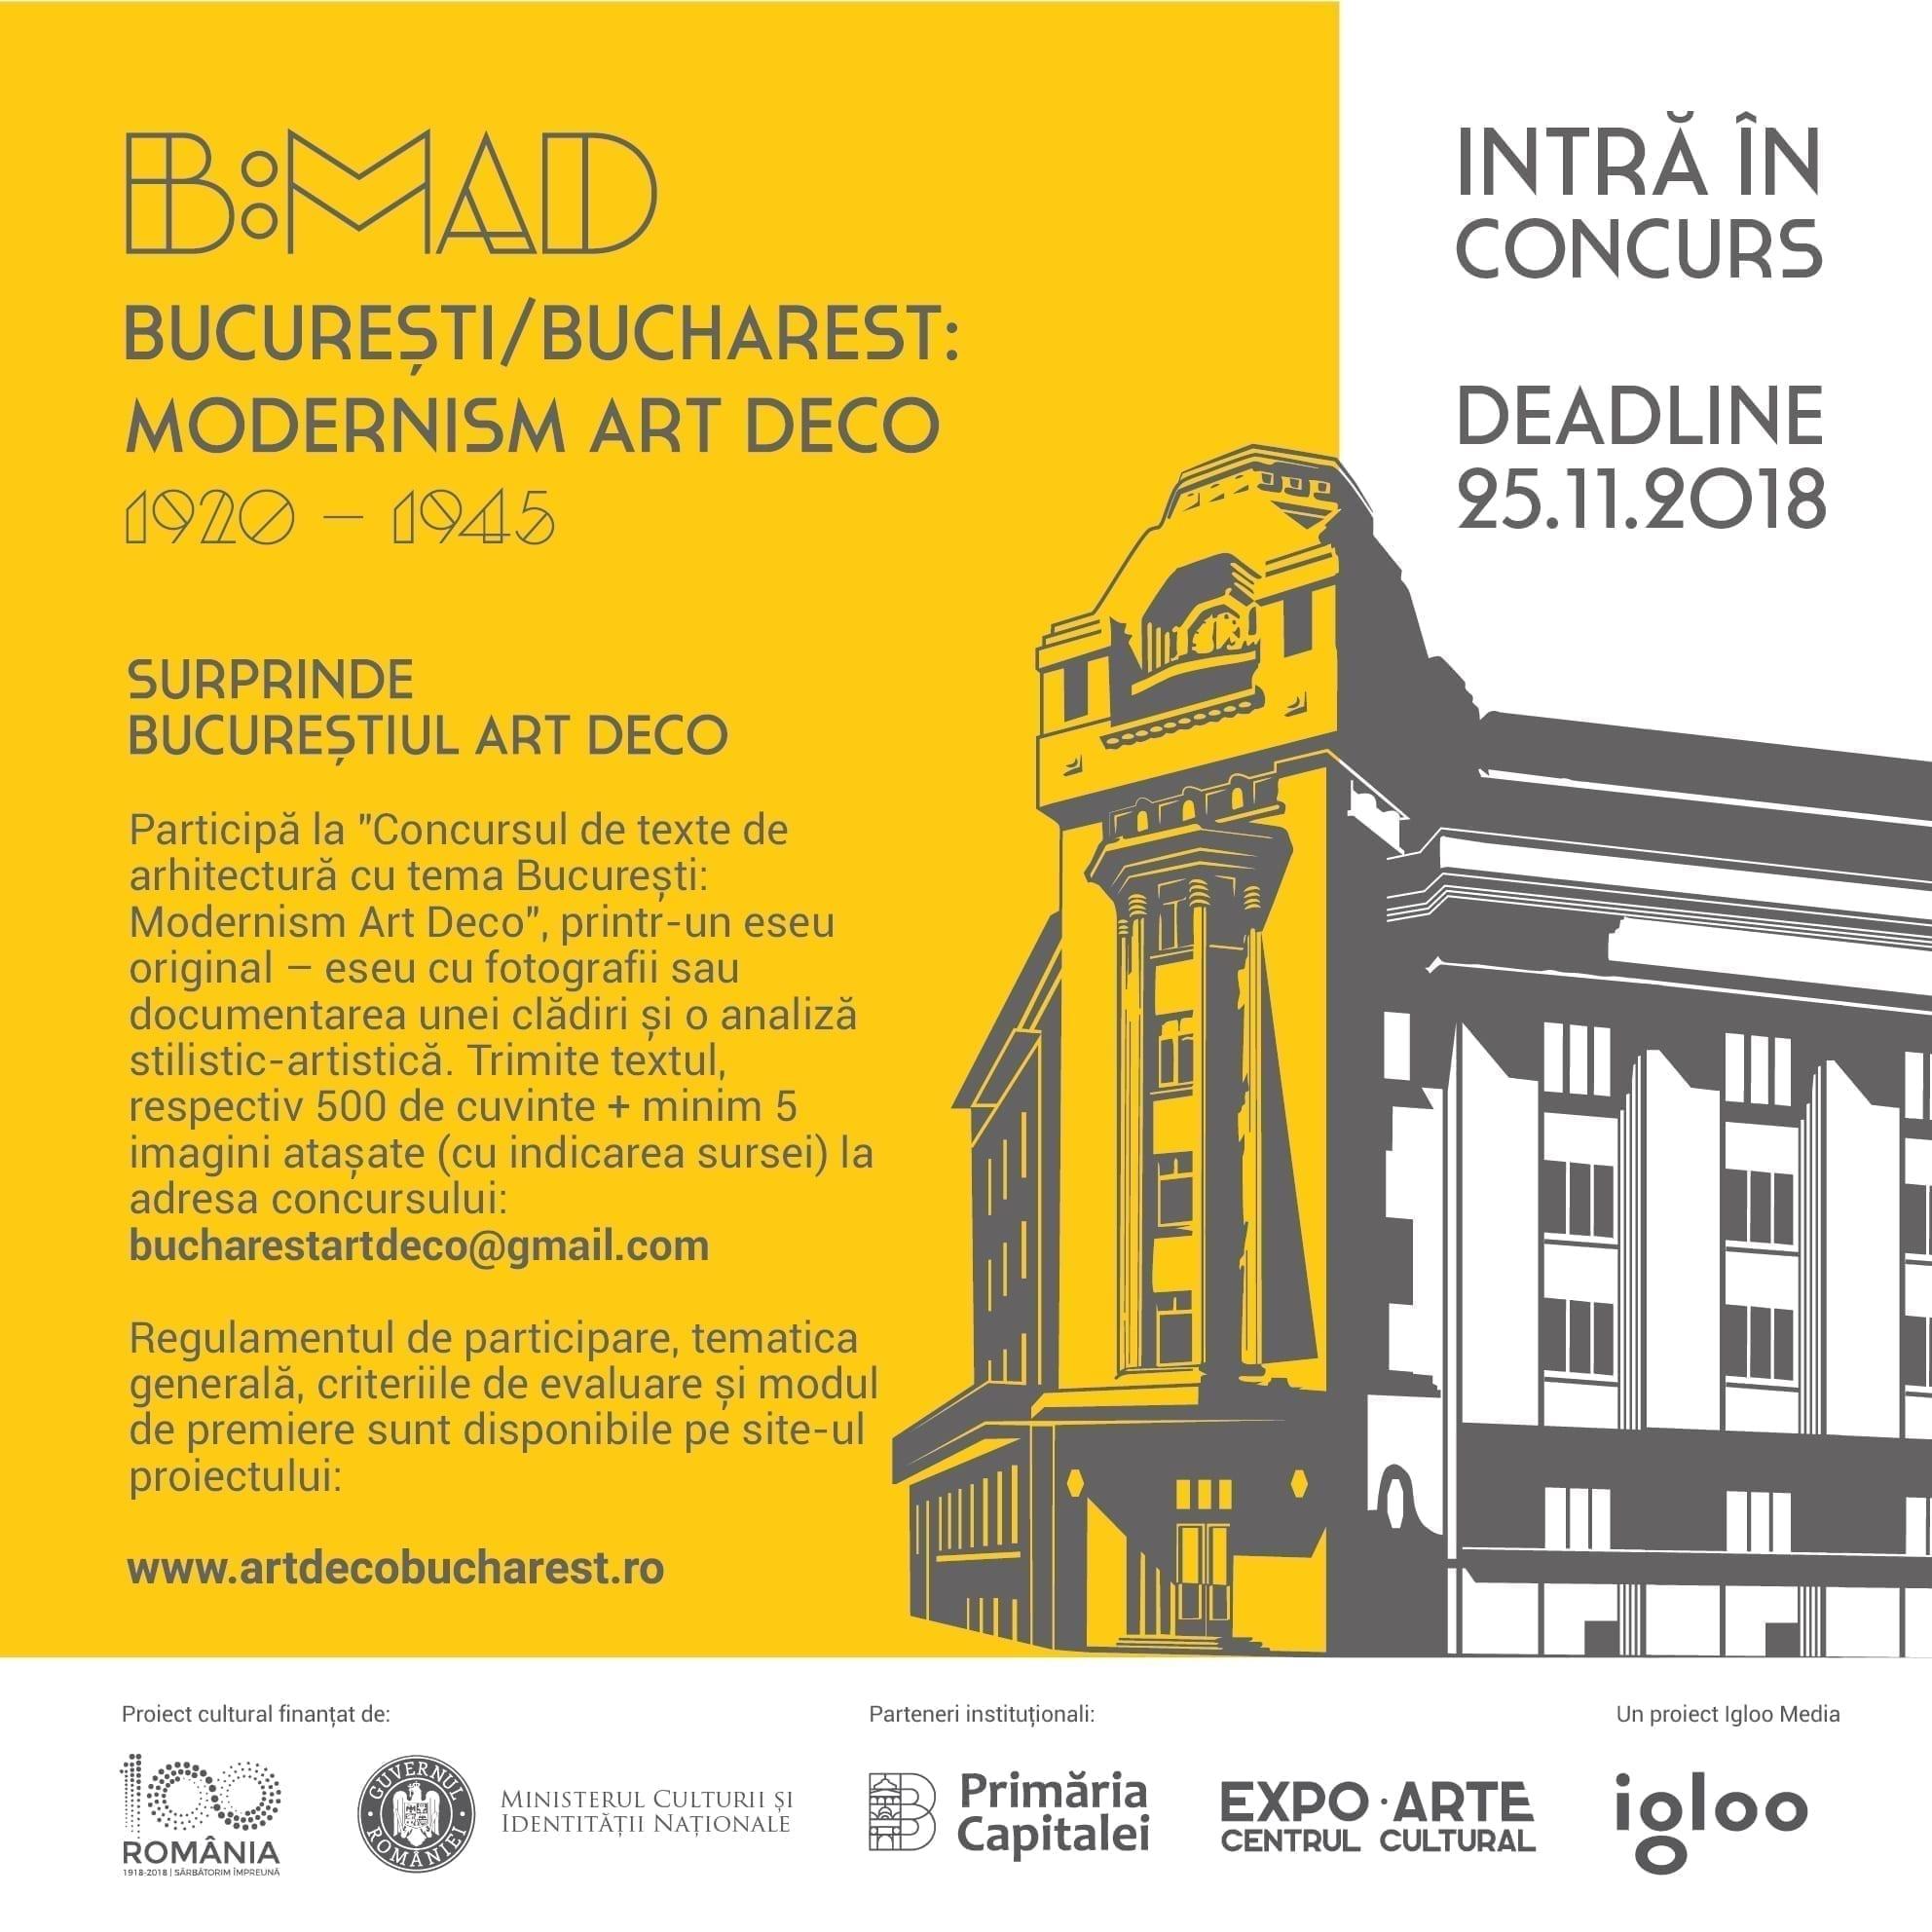 Concurs – Surprinde Bucureștiul Art Deco printr-un eseu cu fotografii